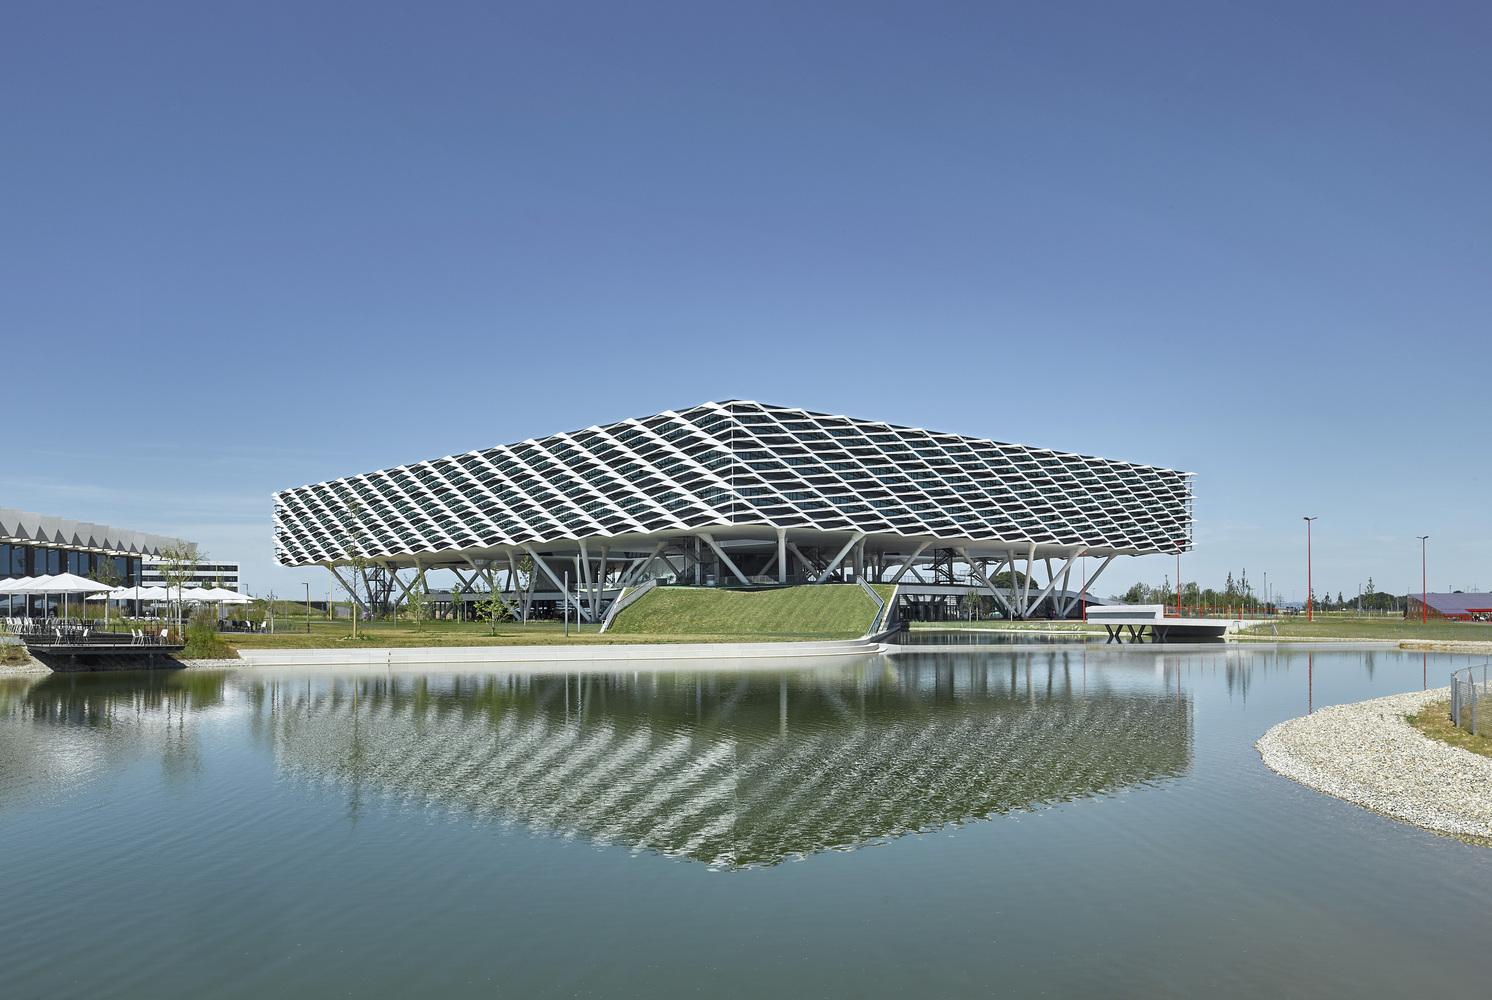 Adidas World of Sports Arena / Behnisch Architekten